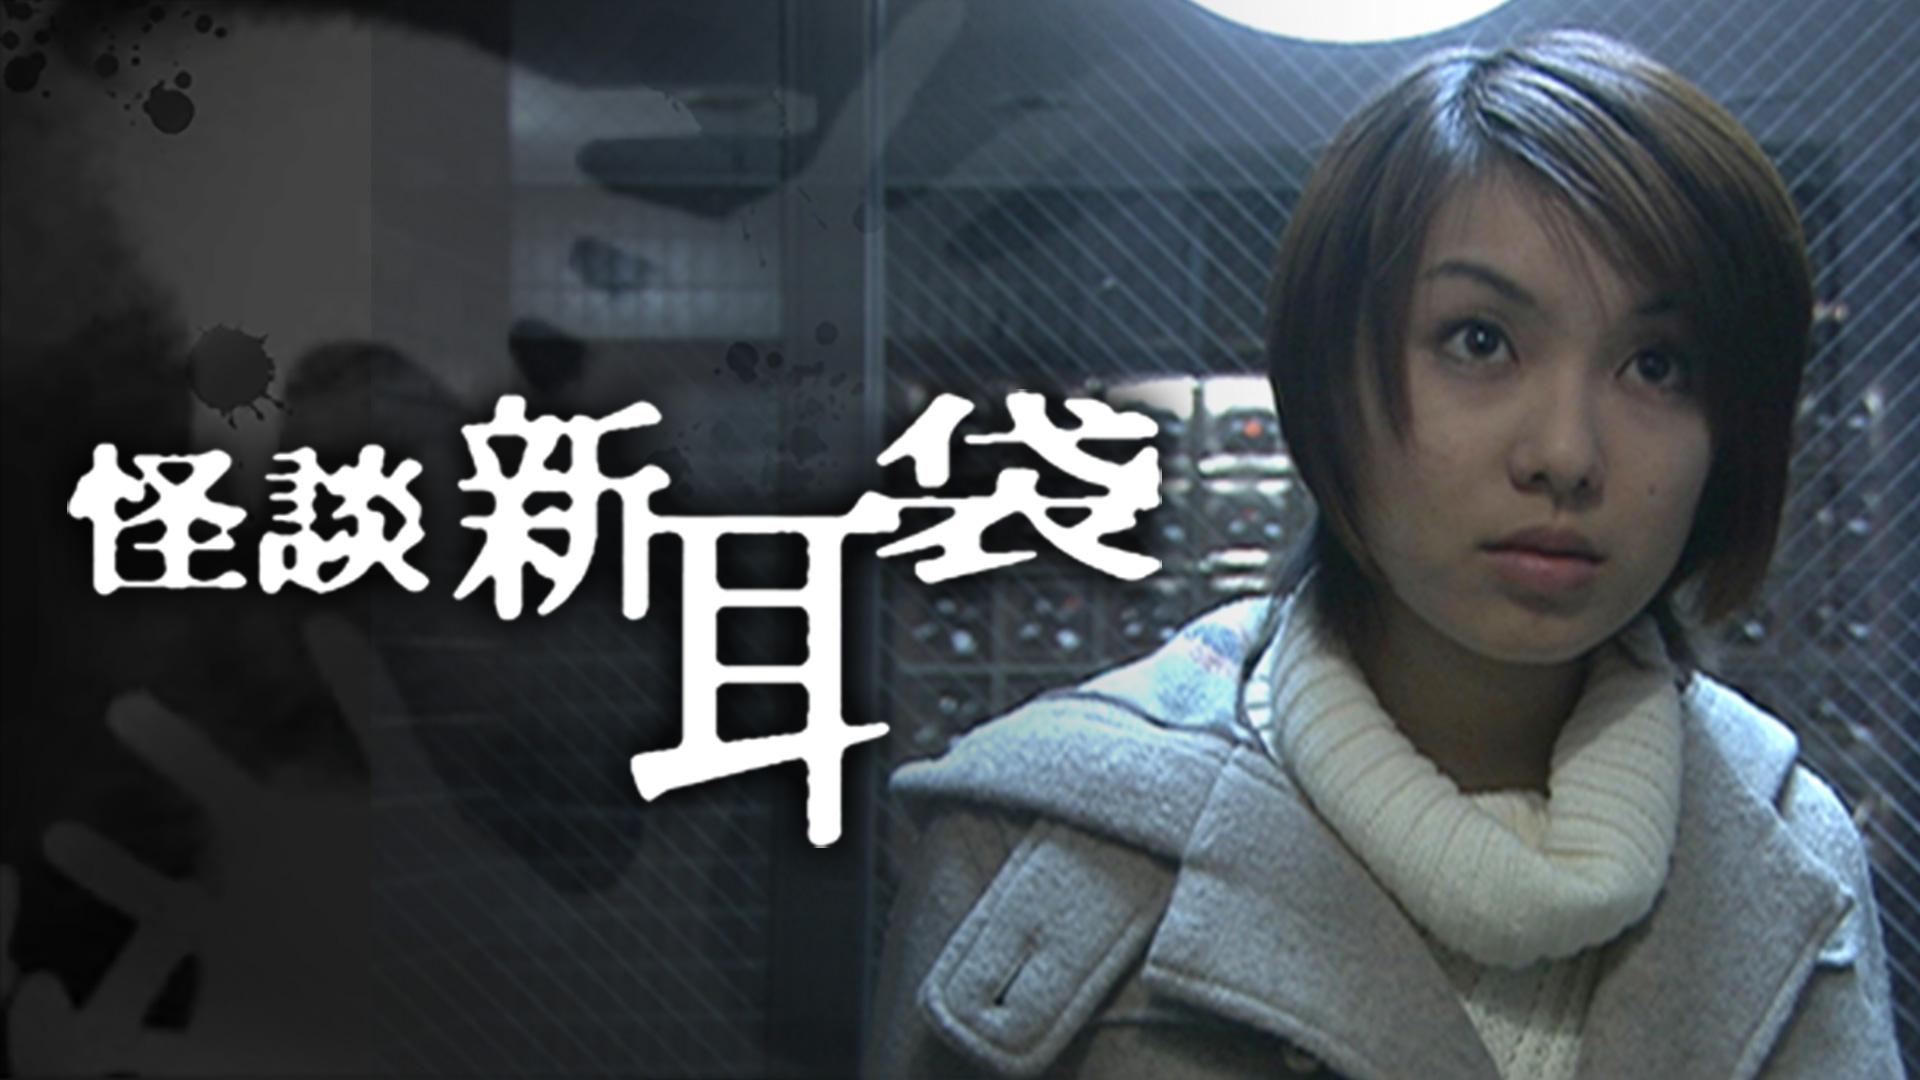 怪談新耳袋の動画 - 怪談新耳袋Gメン復活編